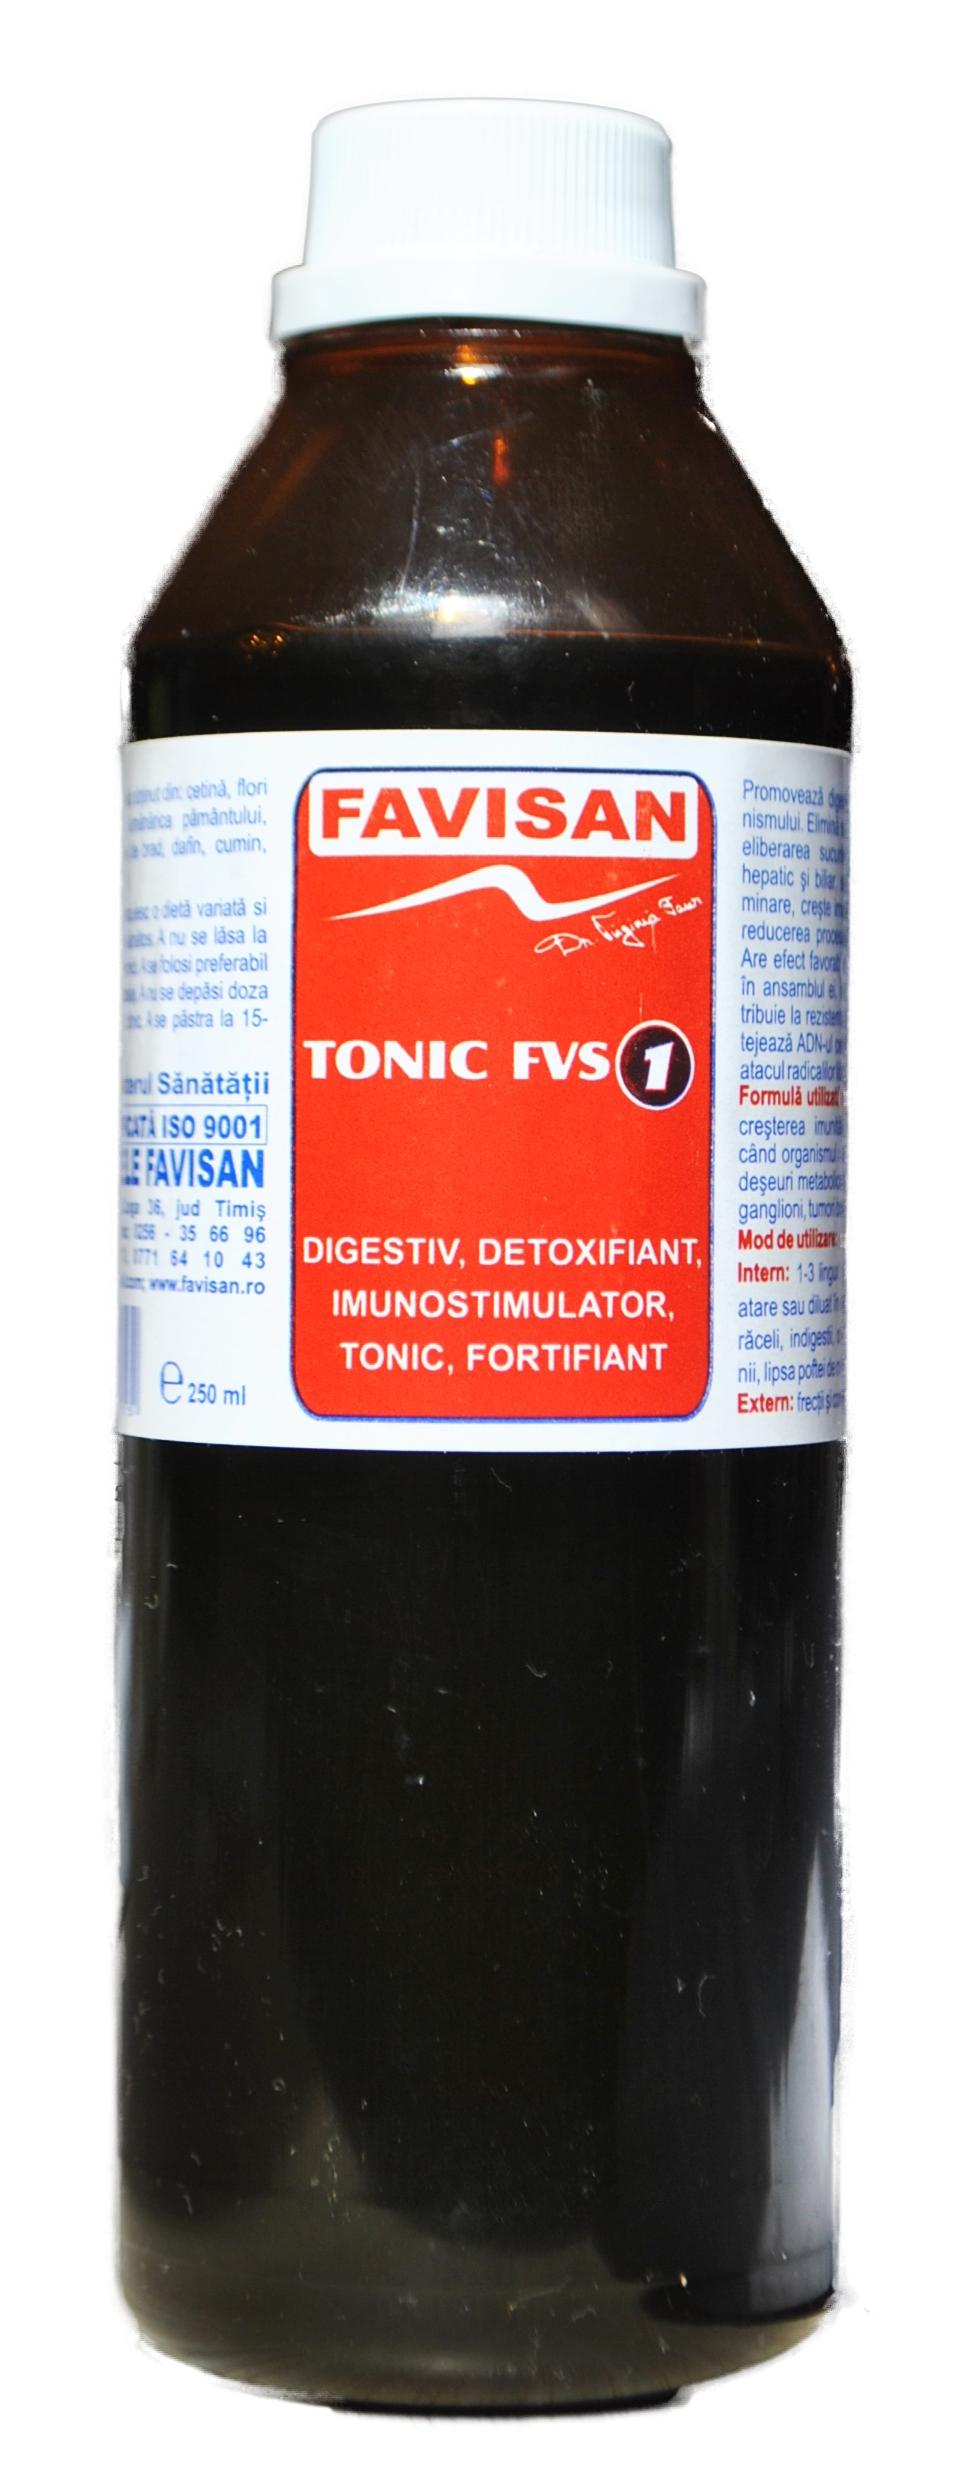 Tonic FVS1 250 ml